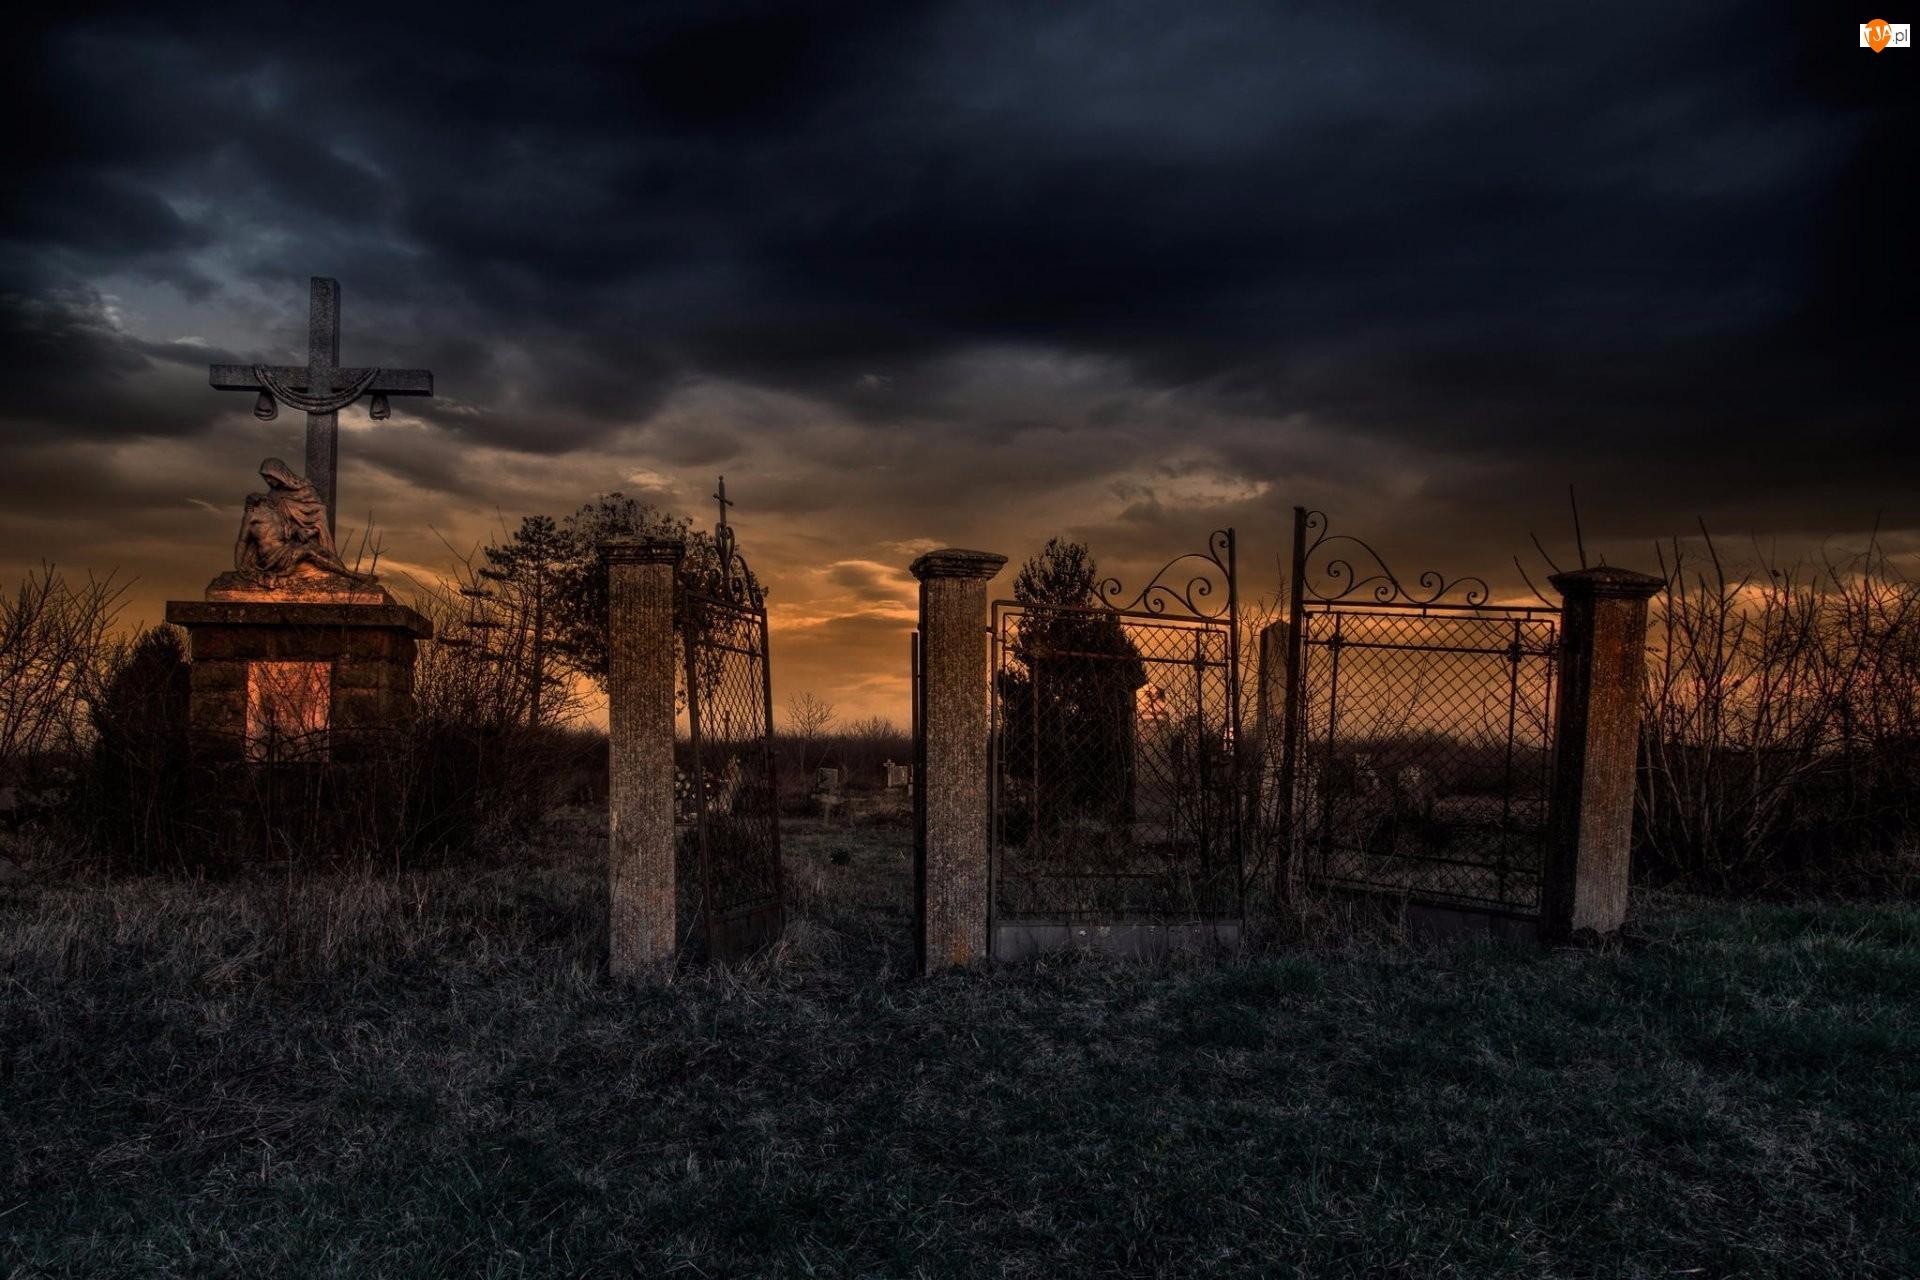 Cmentarz, Zachód słońca, Groby, Brama